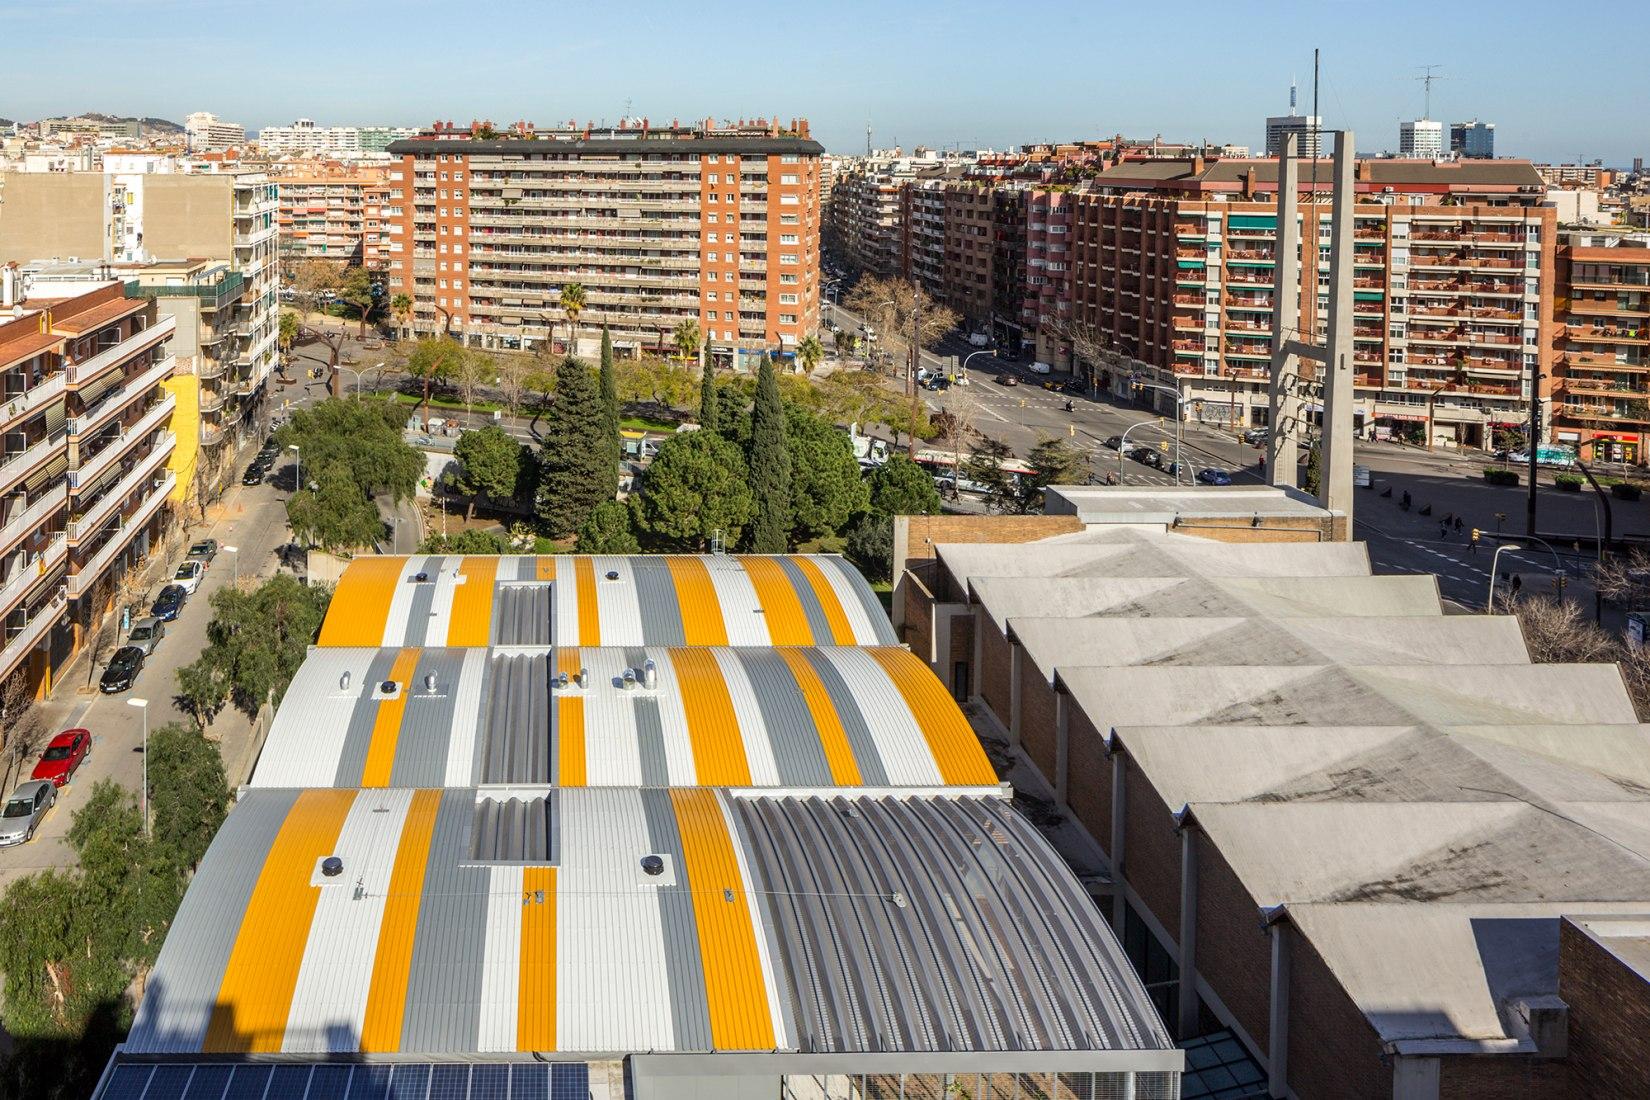 Centro Cívico Les Corts por Pich Architects. Fotografía © Simón García. Imagen cortesía de Pich Architects.